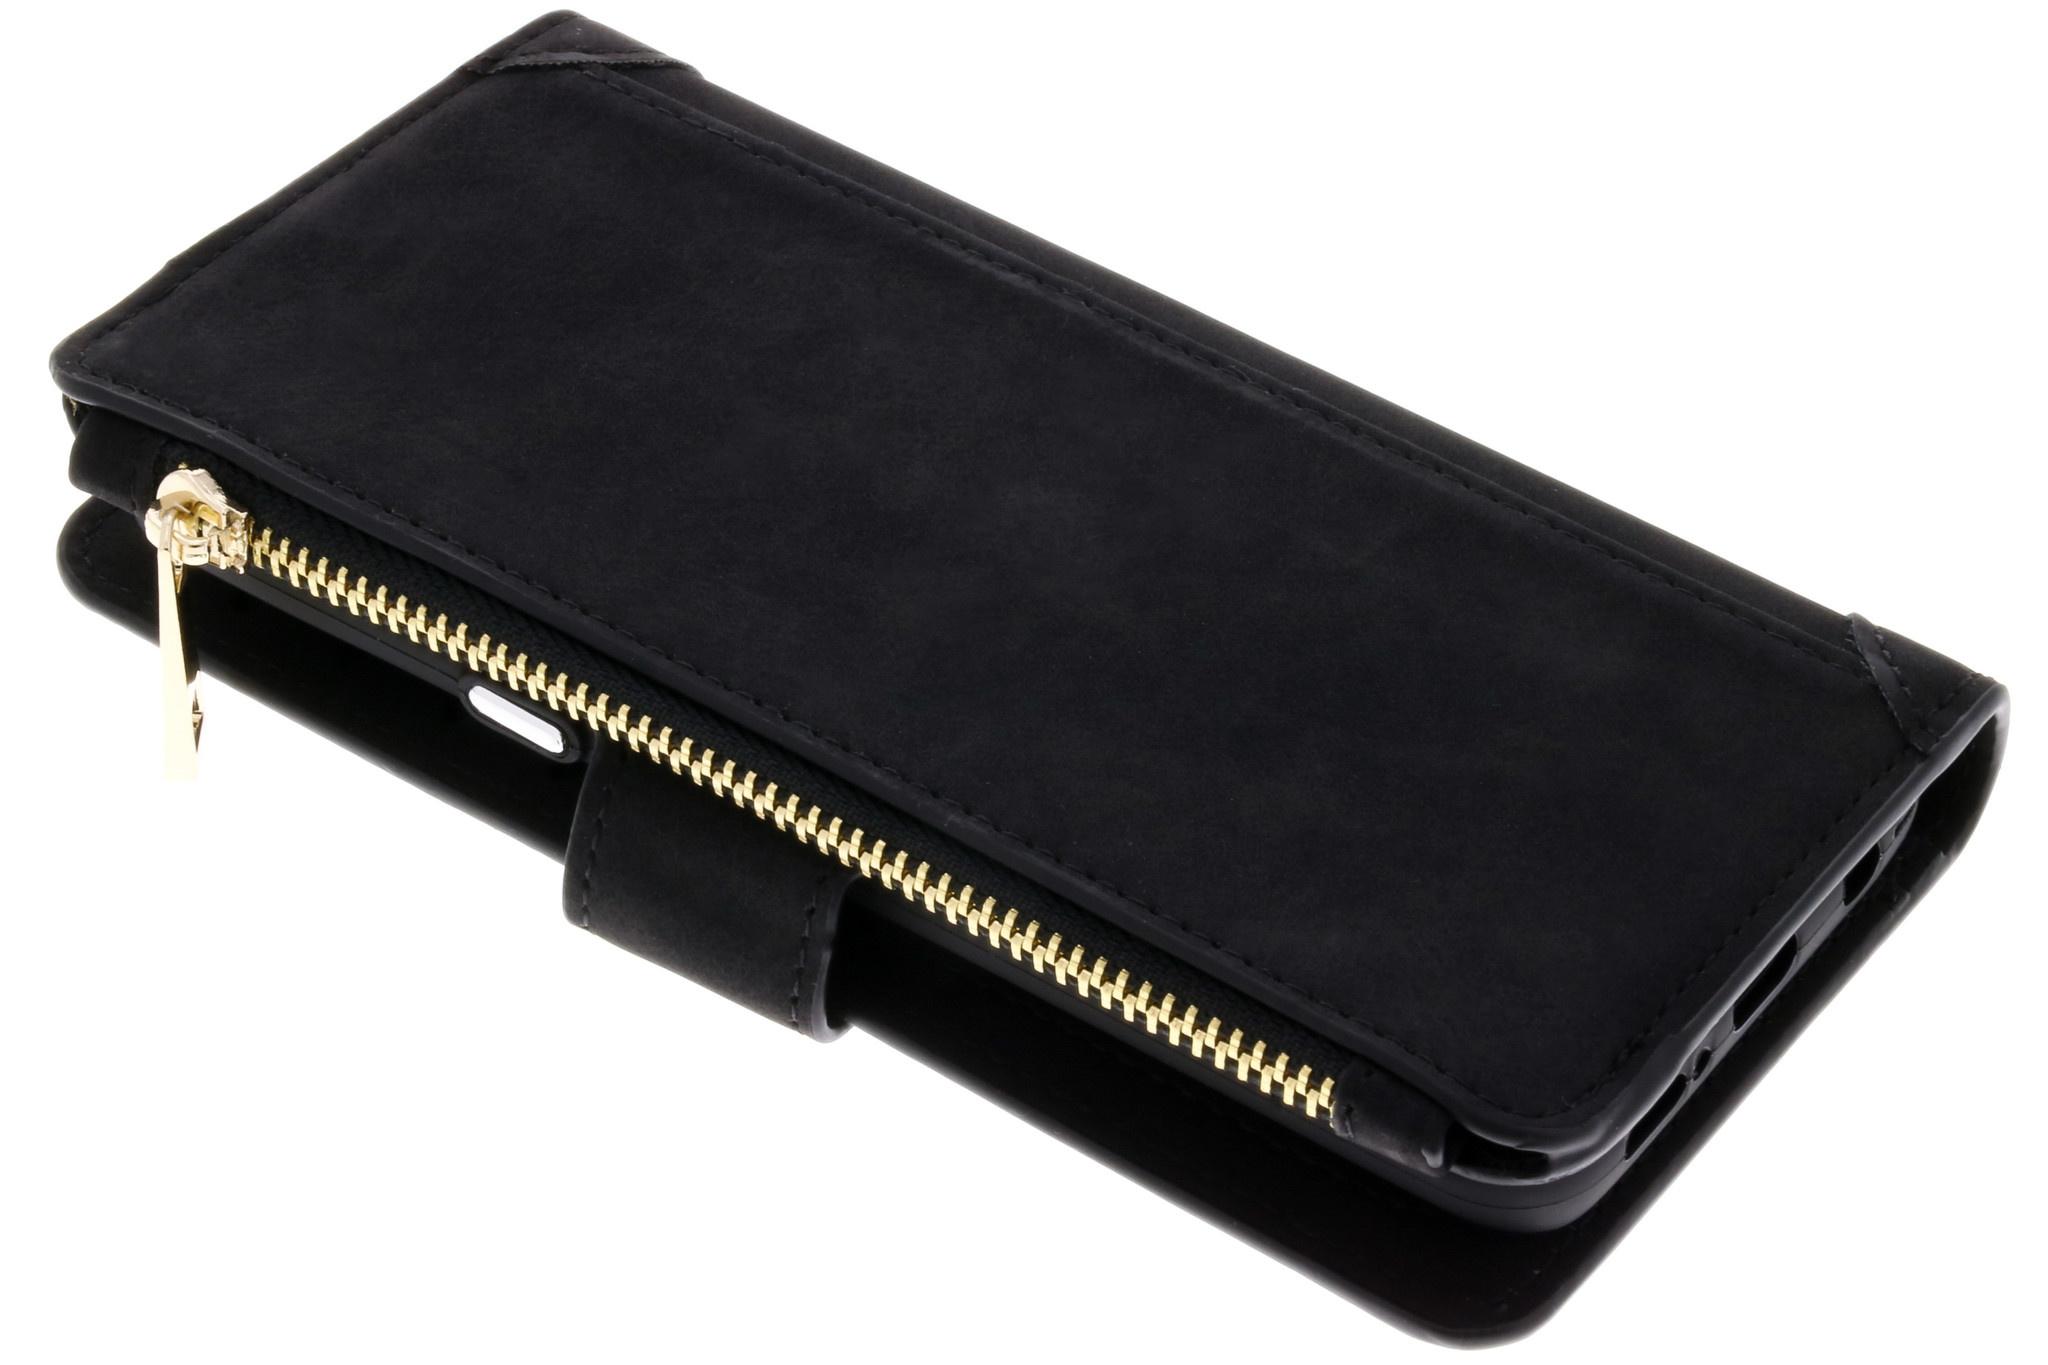 Schwarze Luxuriöse Portemonnaie-Hülle für Samsung Galaxy S9